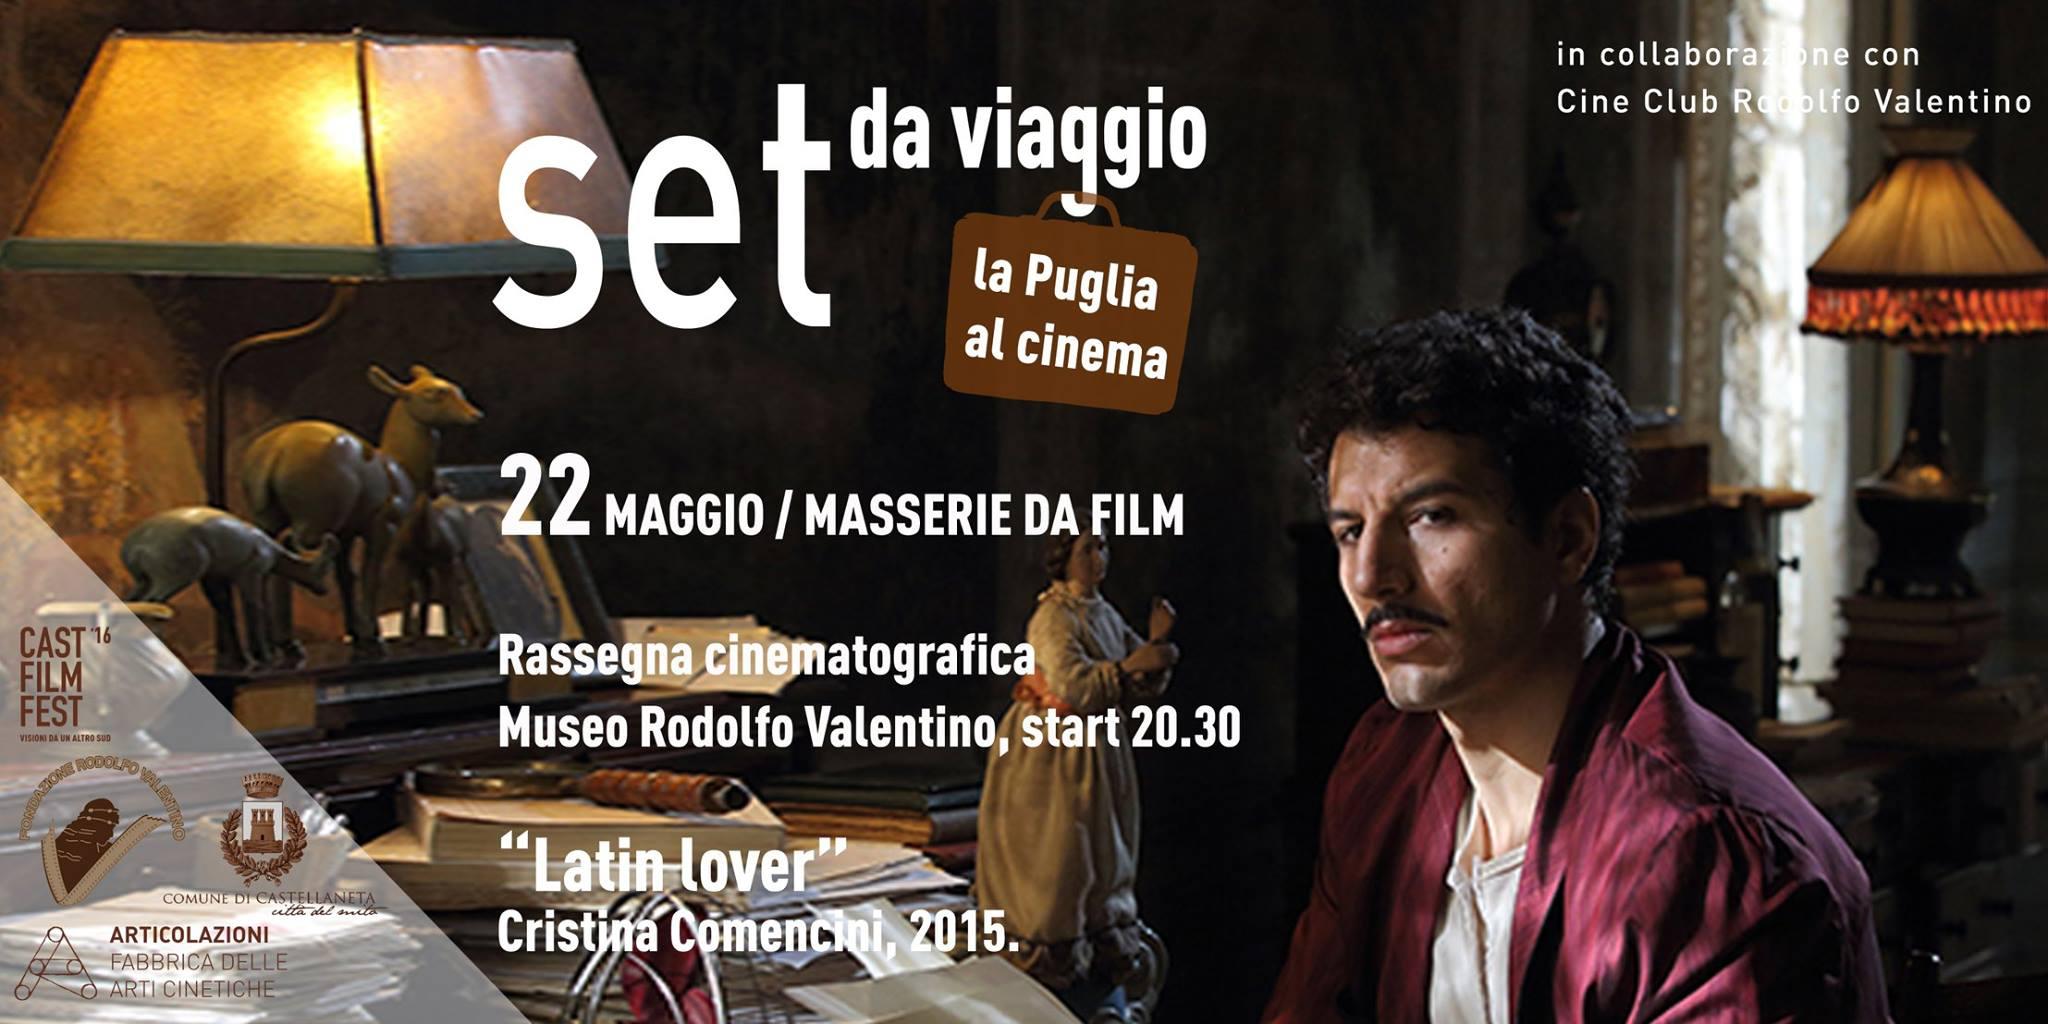 Latin lover - Set da viaggio, la Puglia al cinema